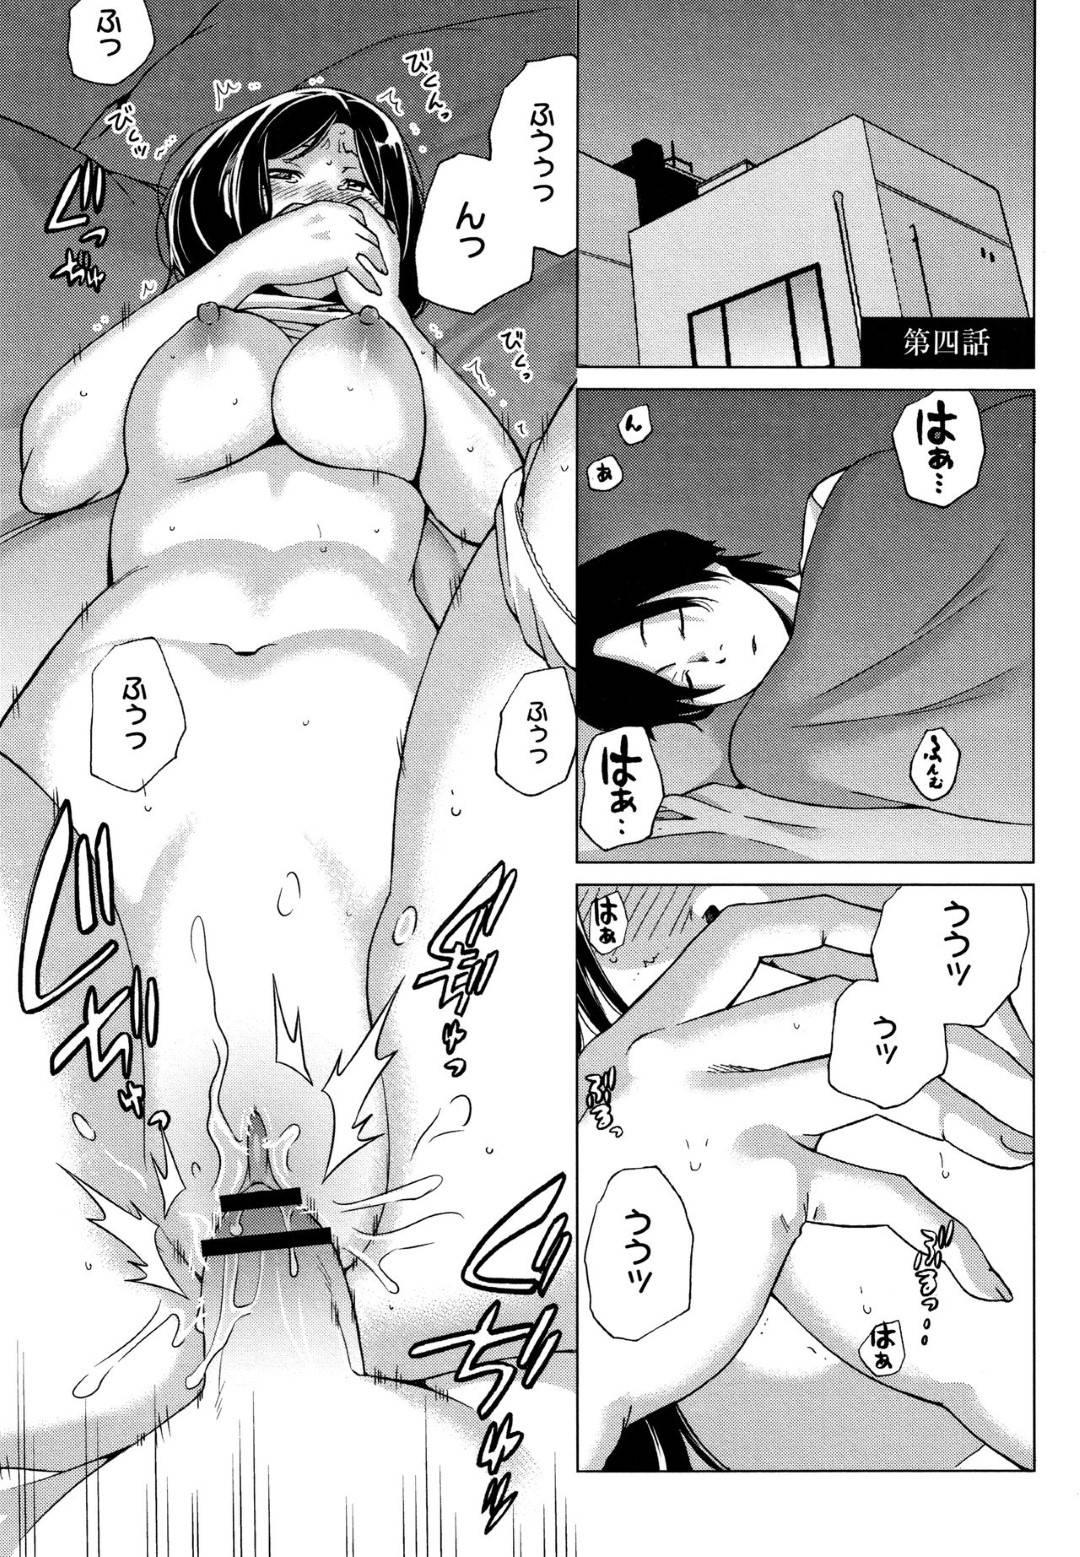 【エロ漫画】取材と称してキモ男に夜這いされる事になってしまった人妻…旦那が横で寝ているのにも関わらず男は彼女を全裸にして正常位で犯しまくって彼女をアクメ絶頂させる。【IRIE:イビツヘンアイ 第四話】